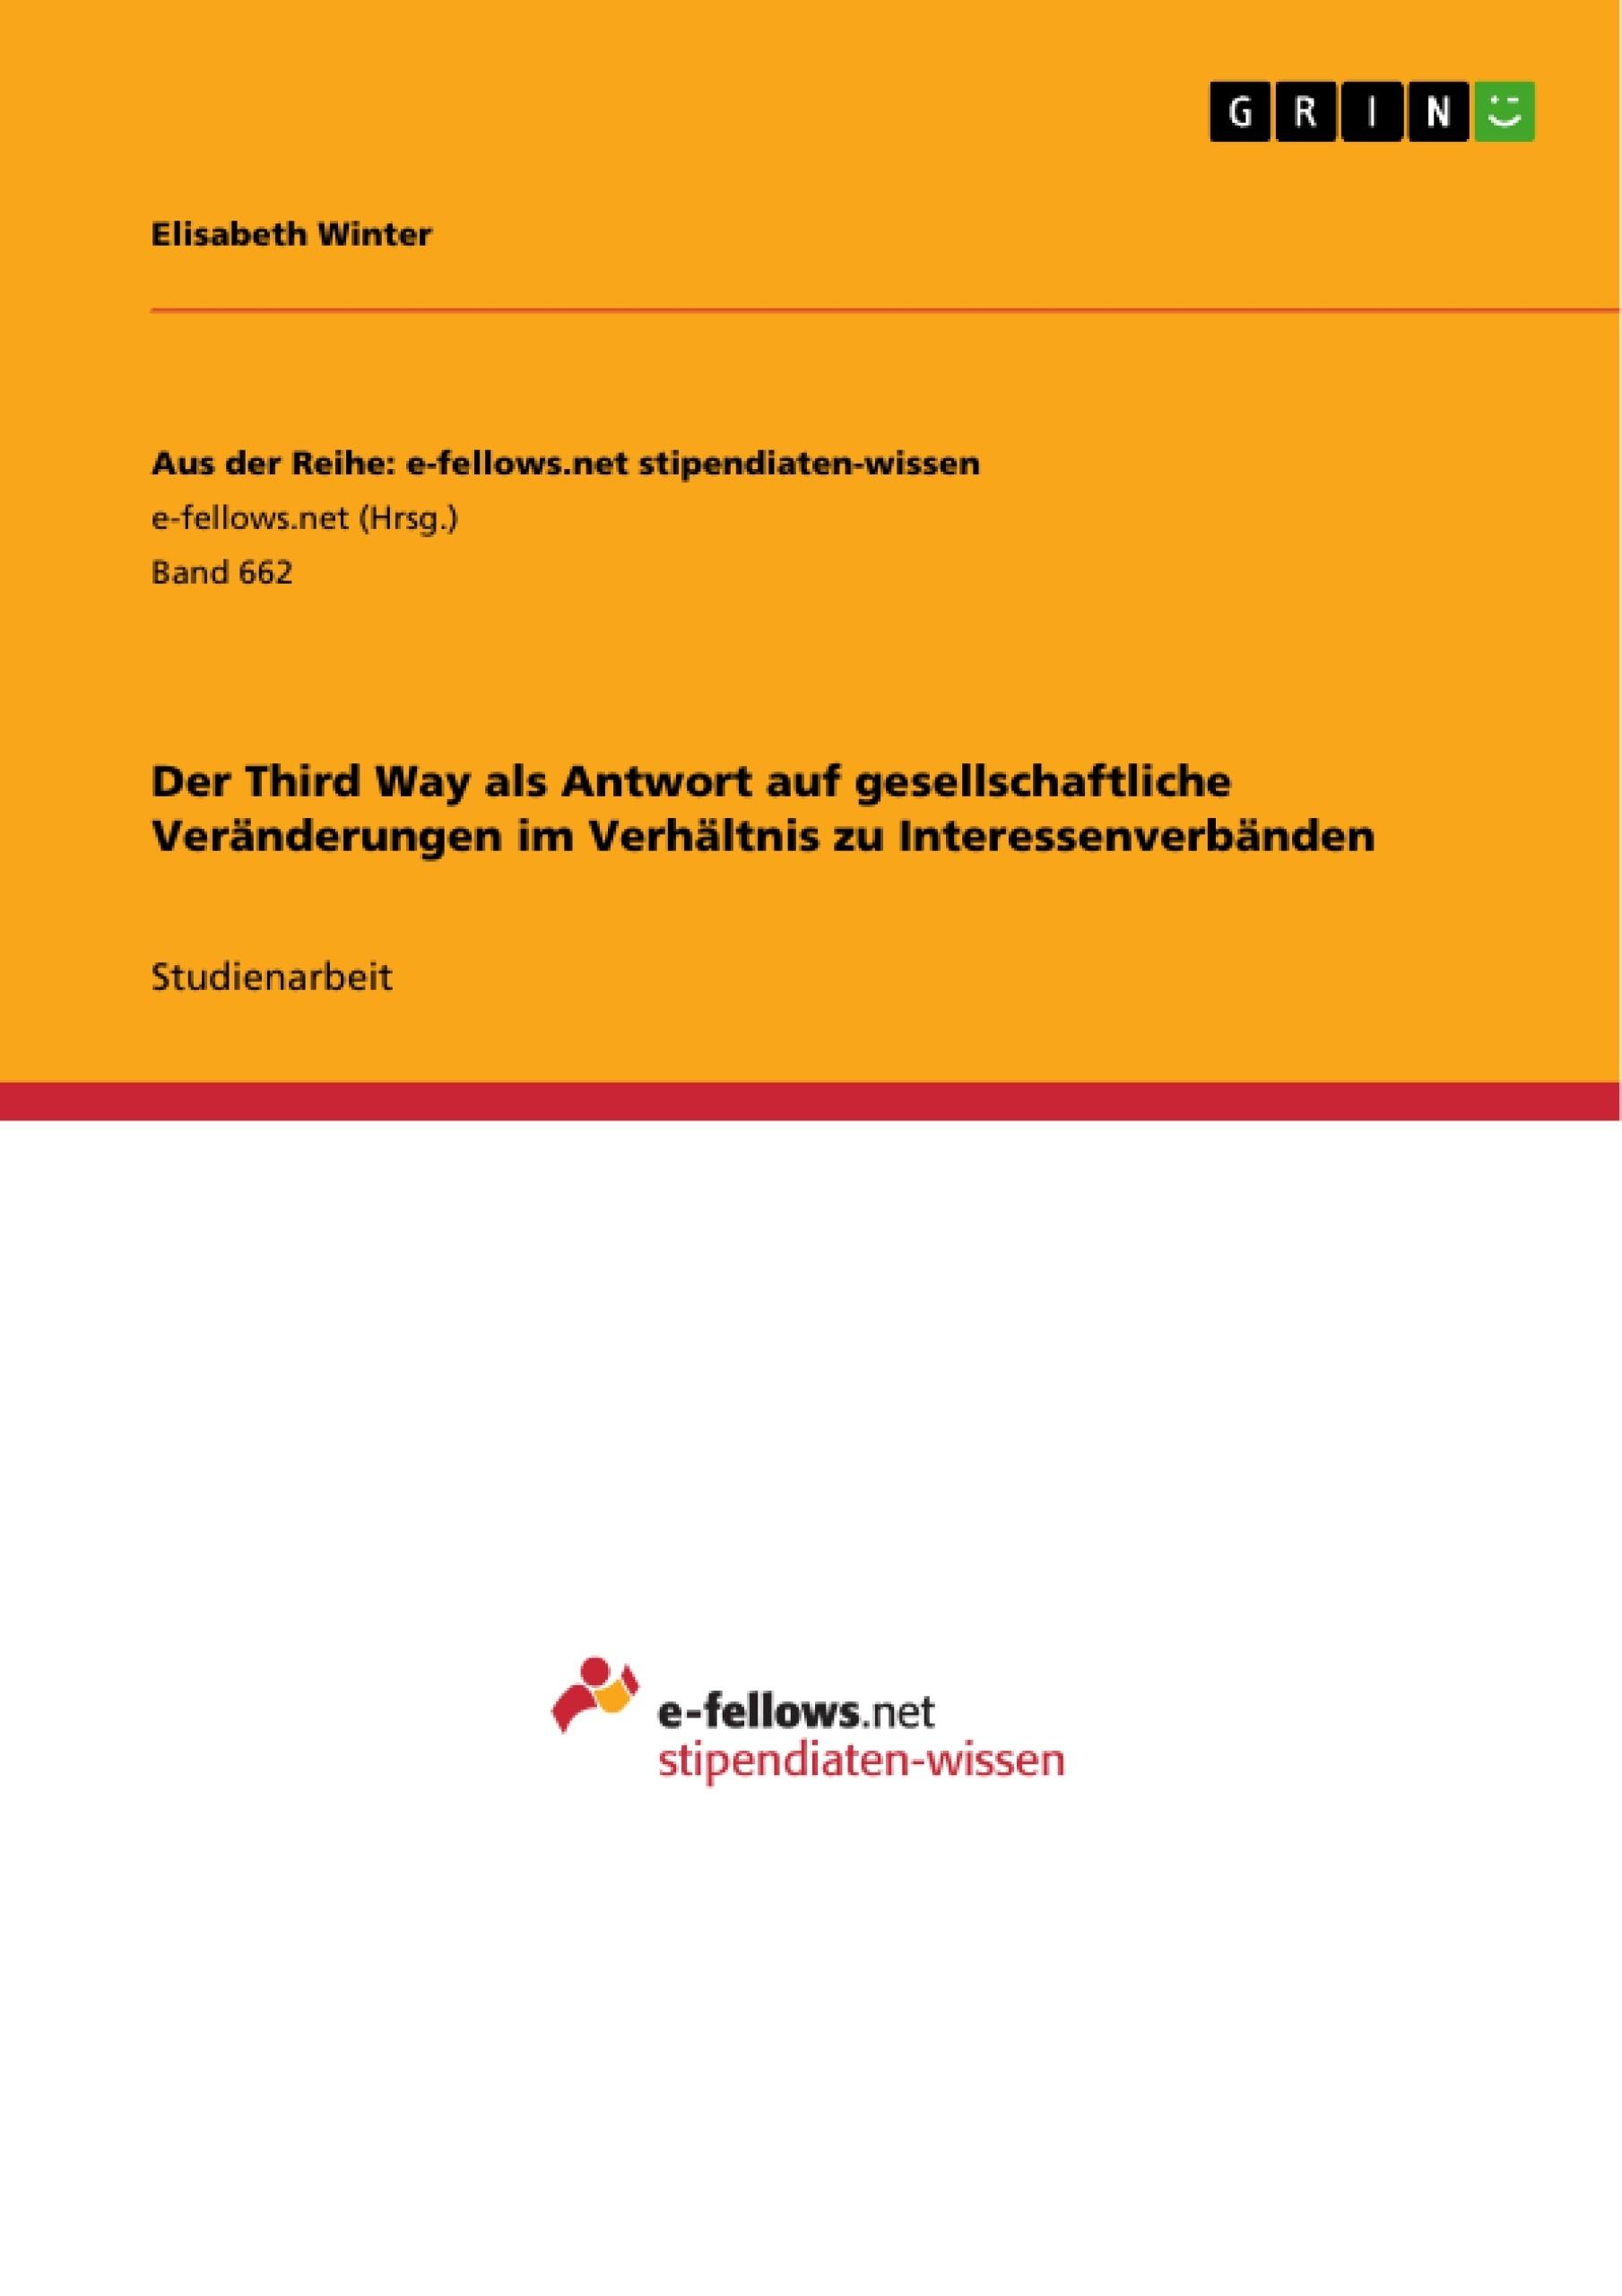 Titel: Der Third Way als Antwort auf  gesellschaftliche Veränderungen im Verhältnis zu Interessenverbänden